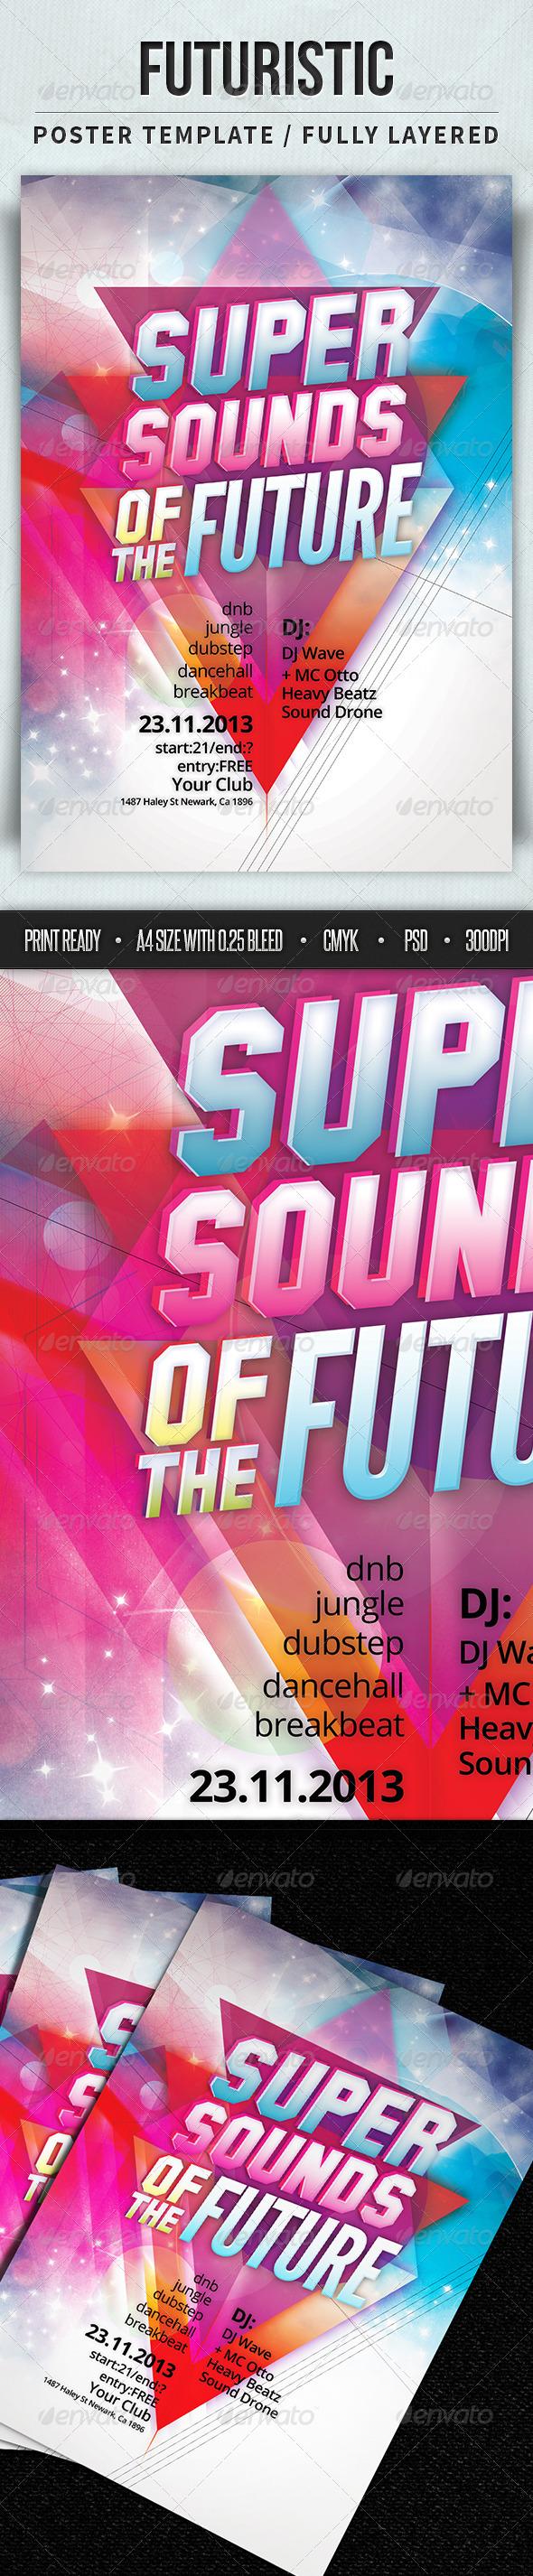 GraphicRiver Futuristic Poster Template 4394507